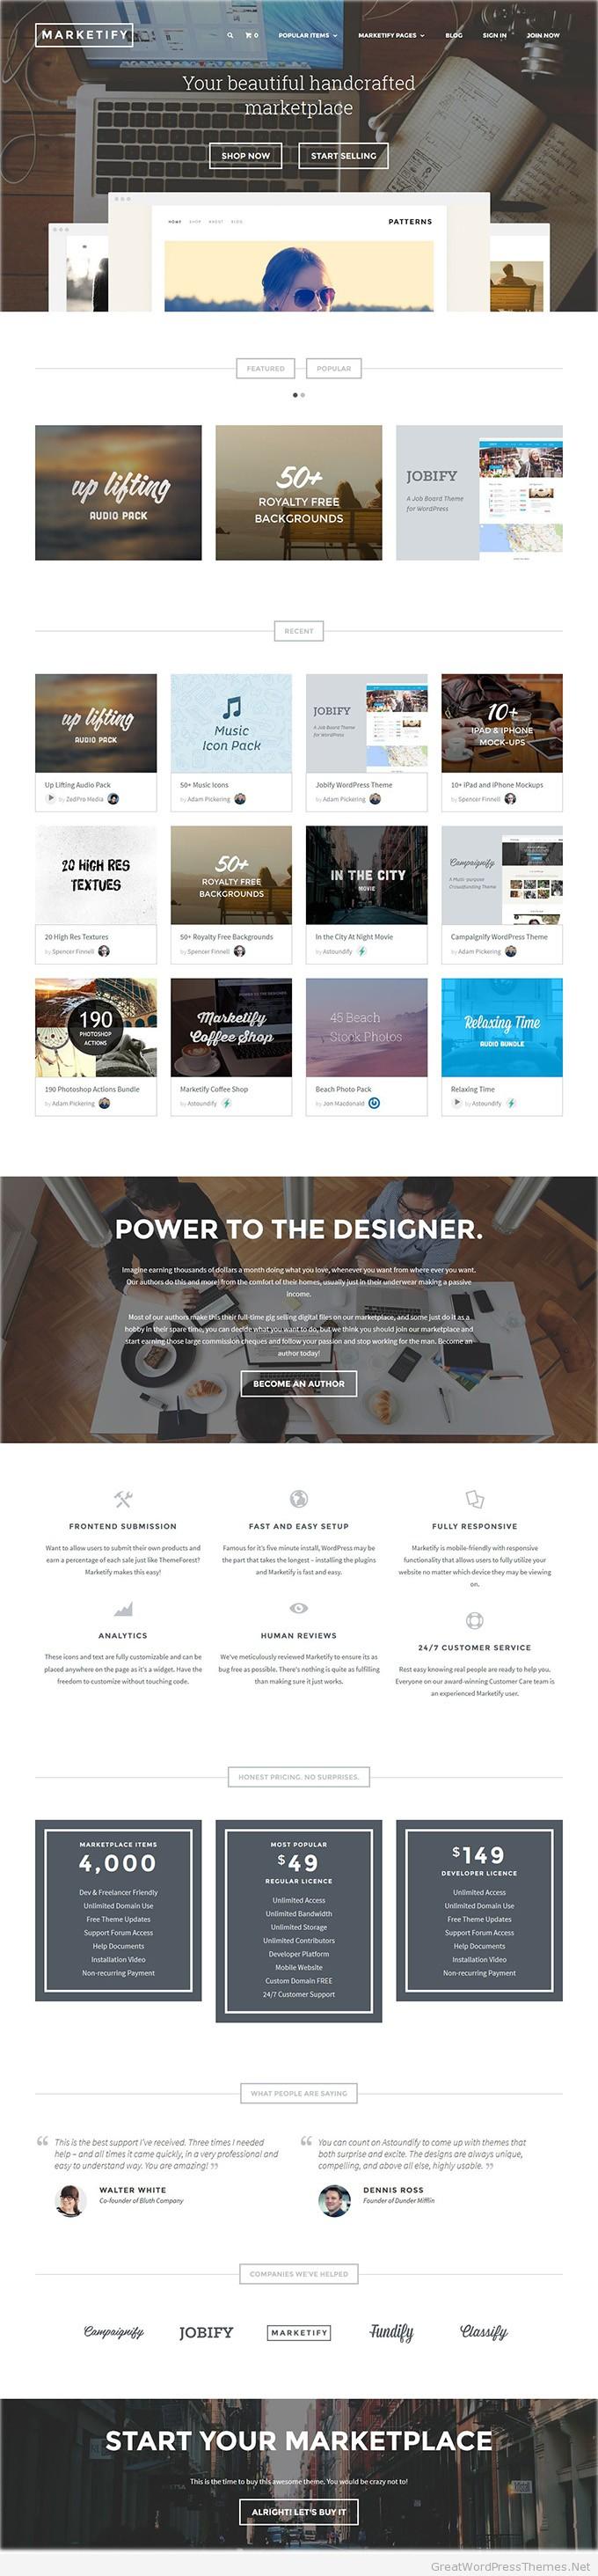 Marketify-wordpress-theme